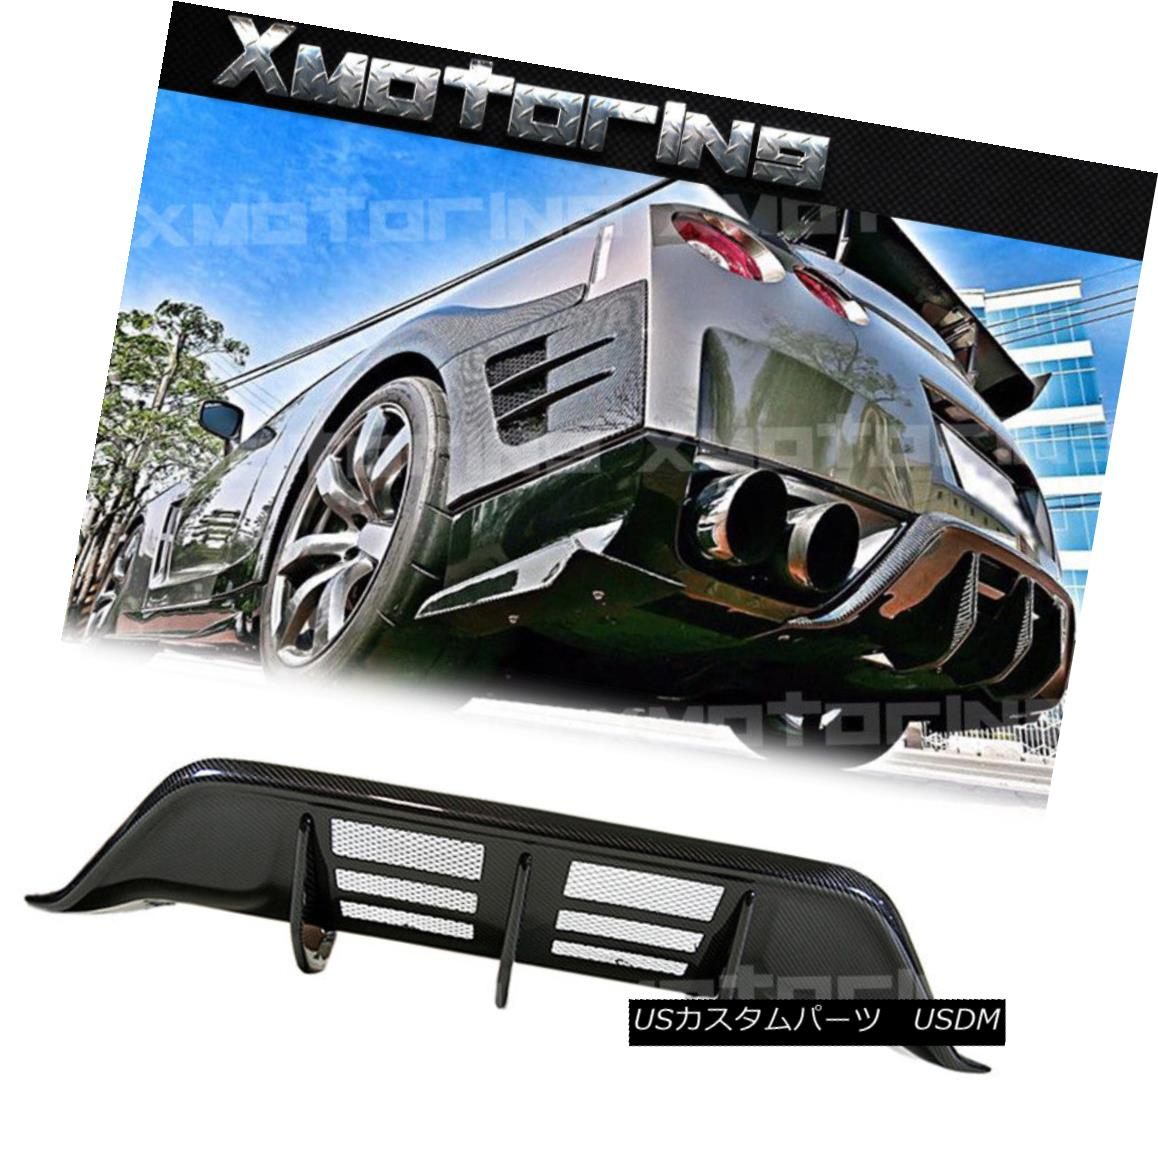 エアロパーツ Fit For 08-11 GT-R R35 CBA Model Use 3K Carbon Fiber W Look Rear Bumper Diffuser 08-11 GT-R R35 CBAモデル用に適合3Kカーボンファイバーを使用してください。リアバンパーディフューザーを見てください。